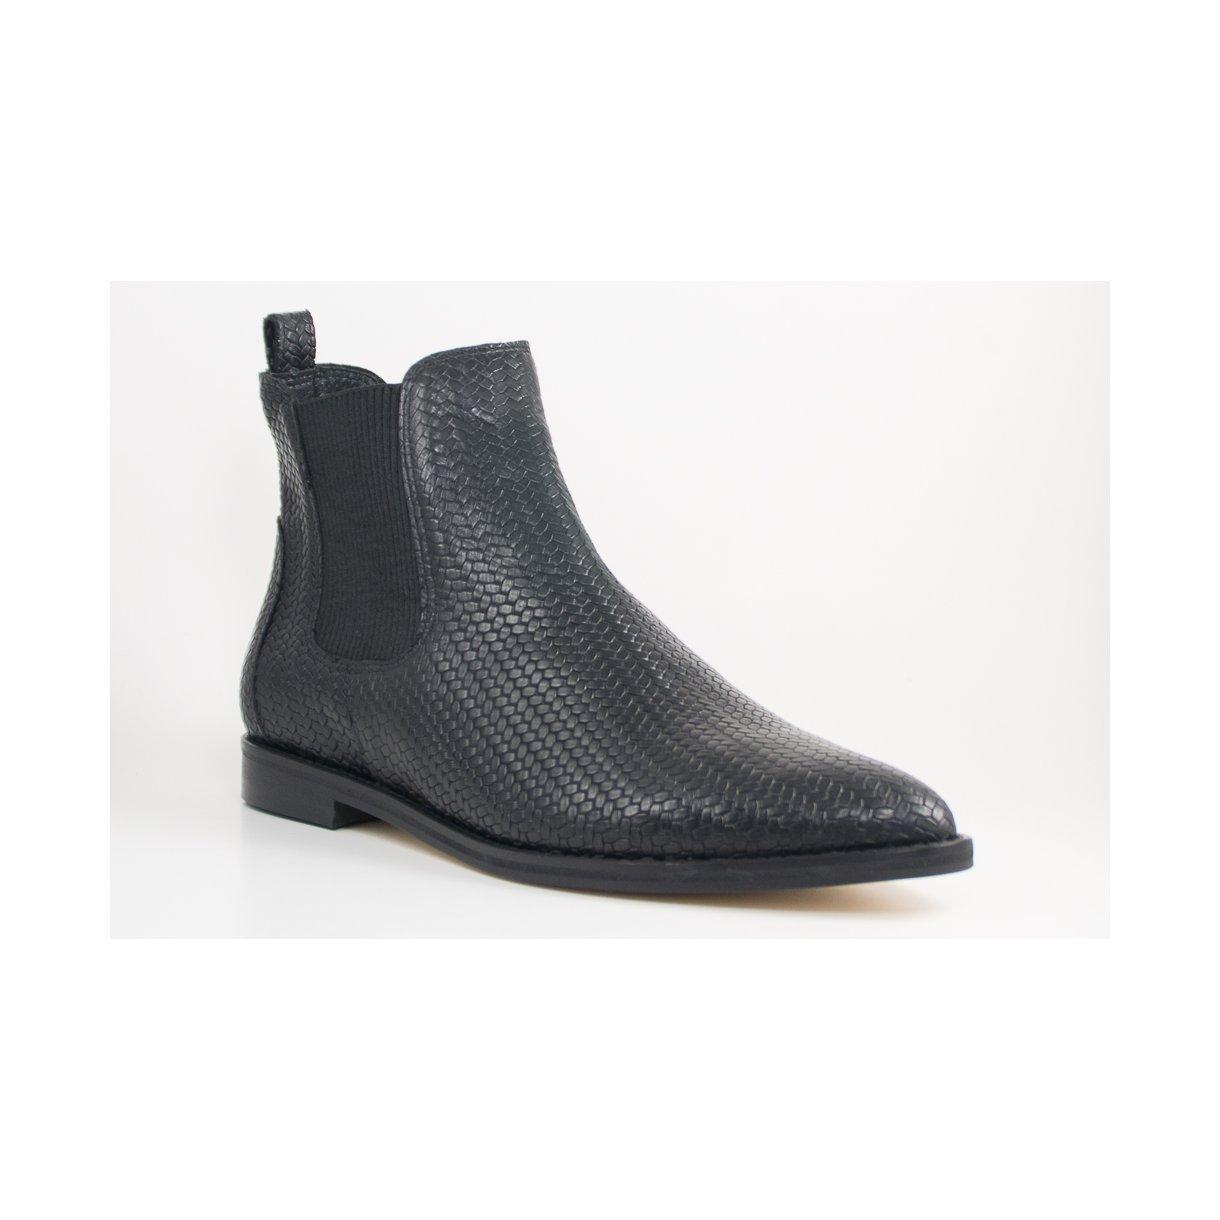 04f421650ca Angulus støvler dame - en gave til kvinder! - Haveoraklet